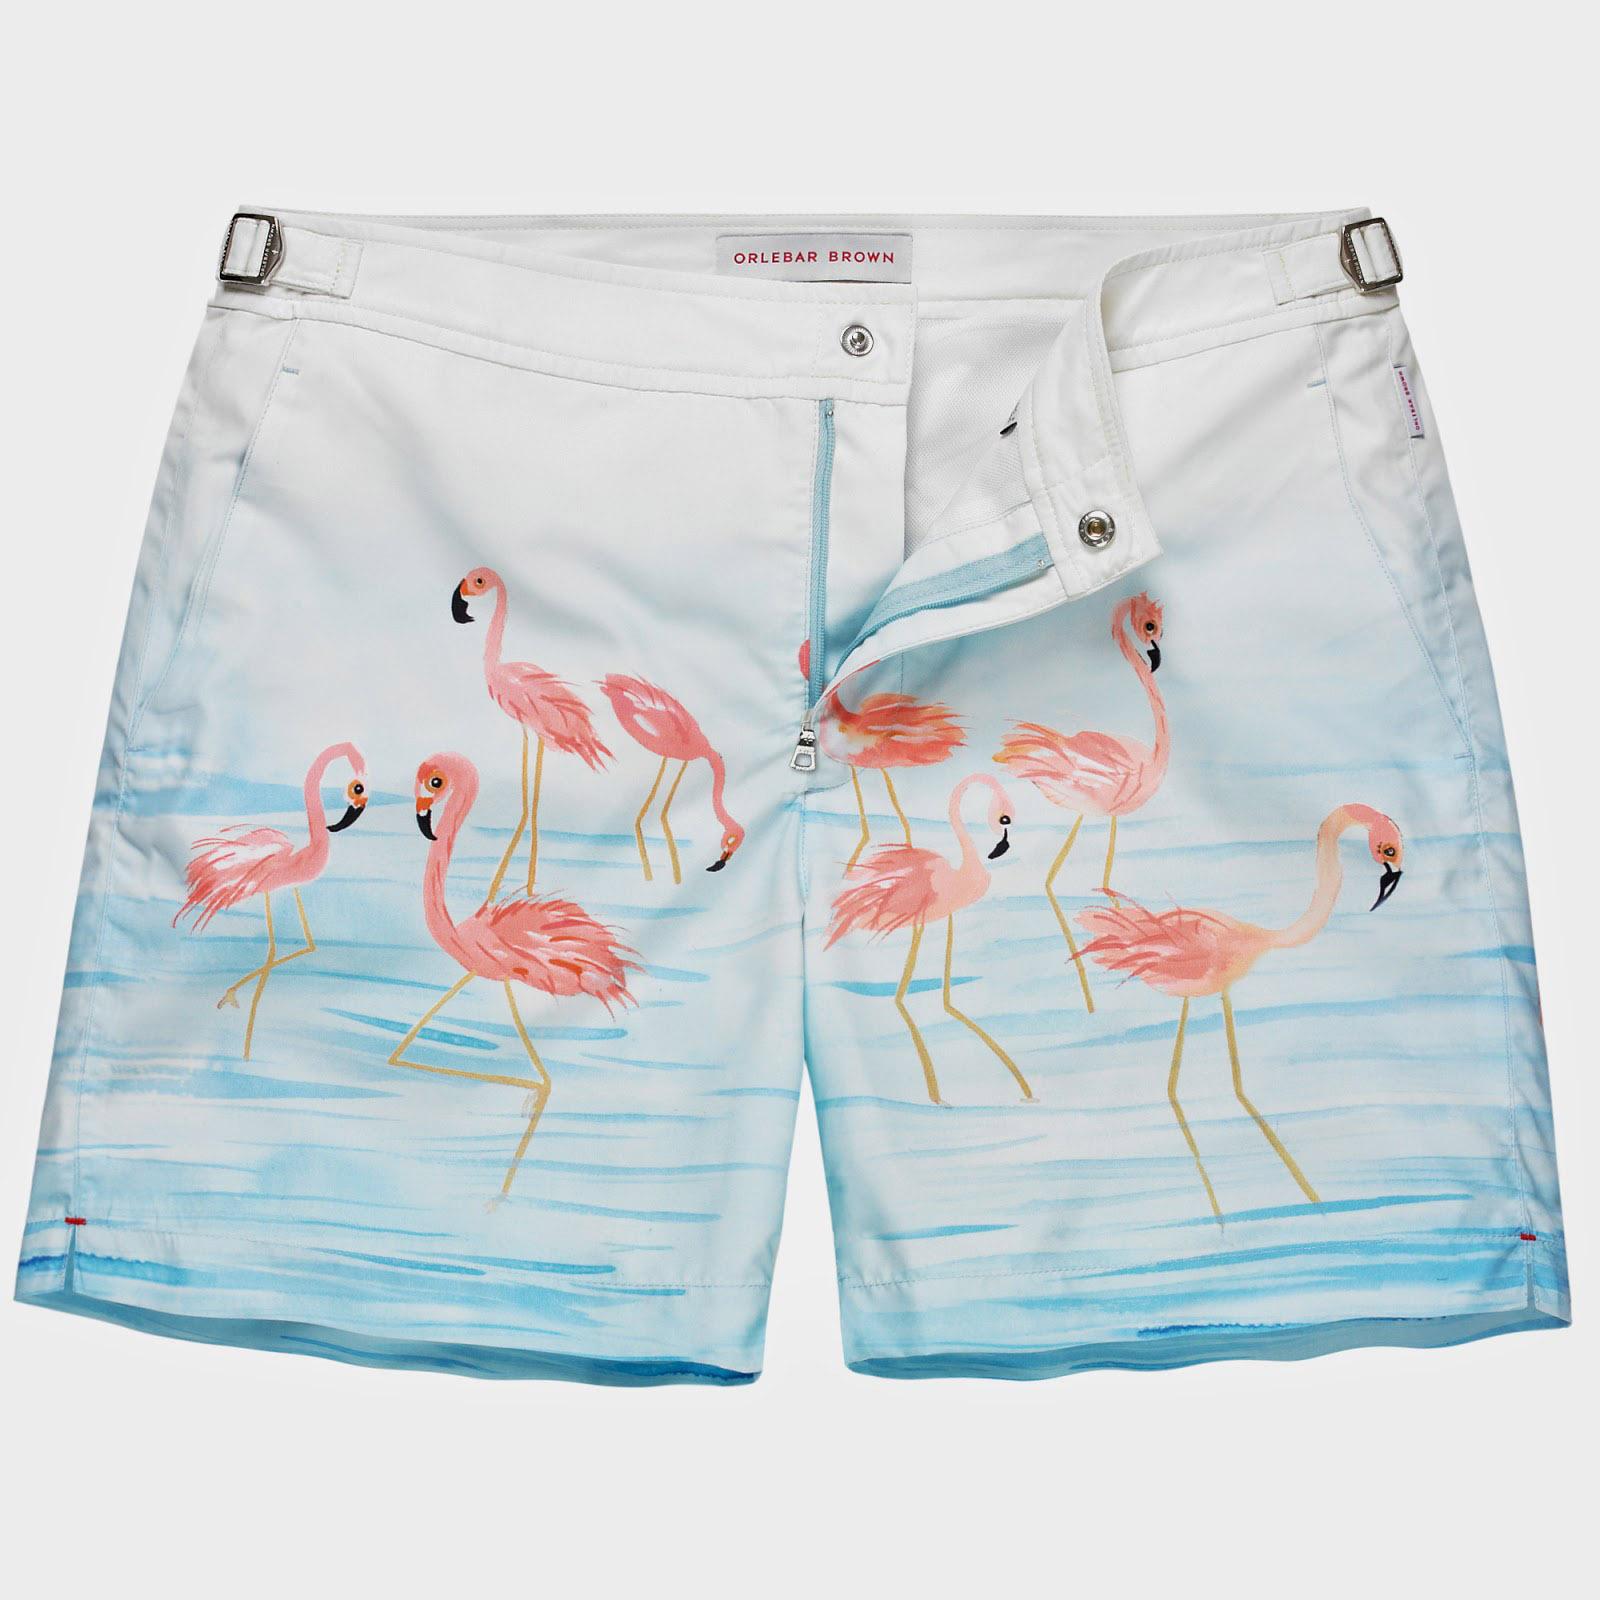 Orlebar Brown flamingo shorts Lustin Style